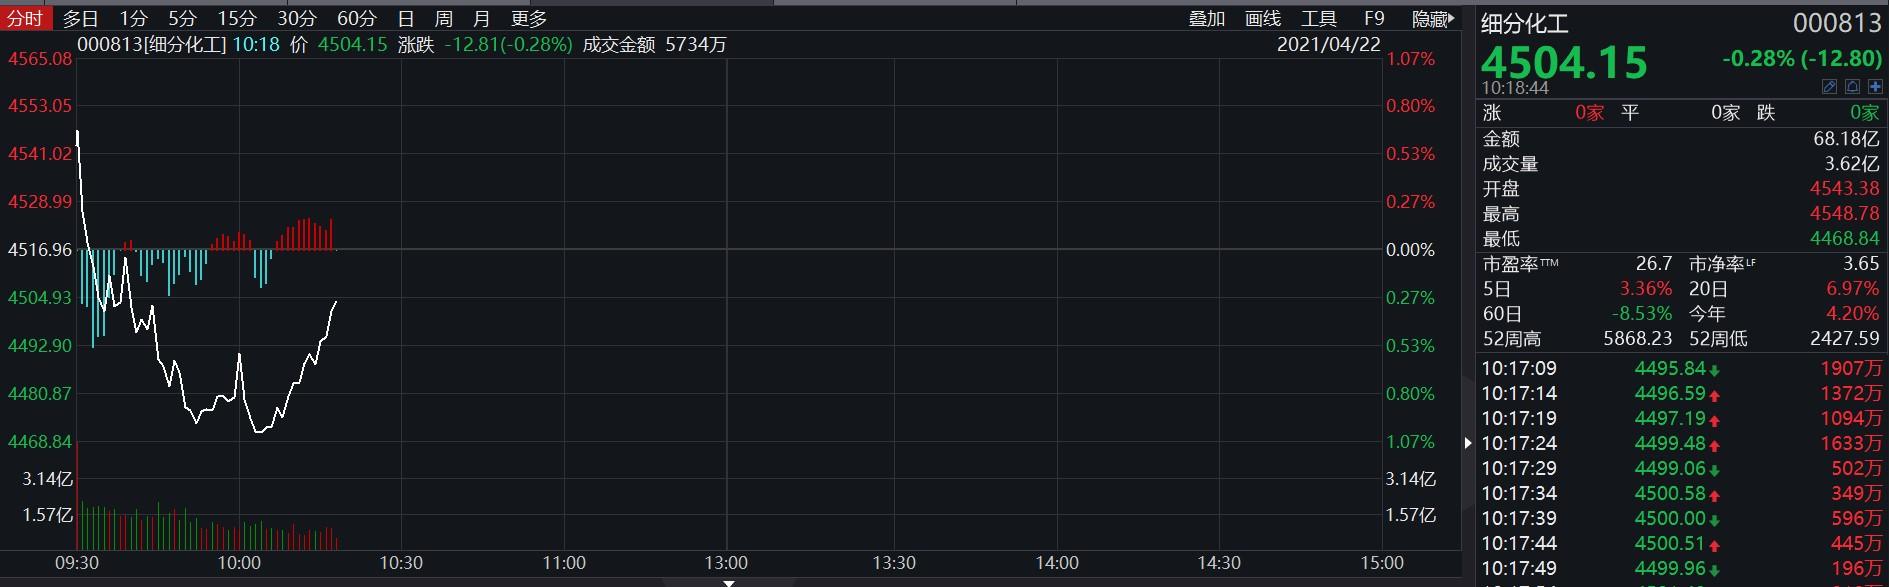 社保、明星基金经理都爱的化工股 Q2还能接着涨吗